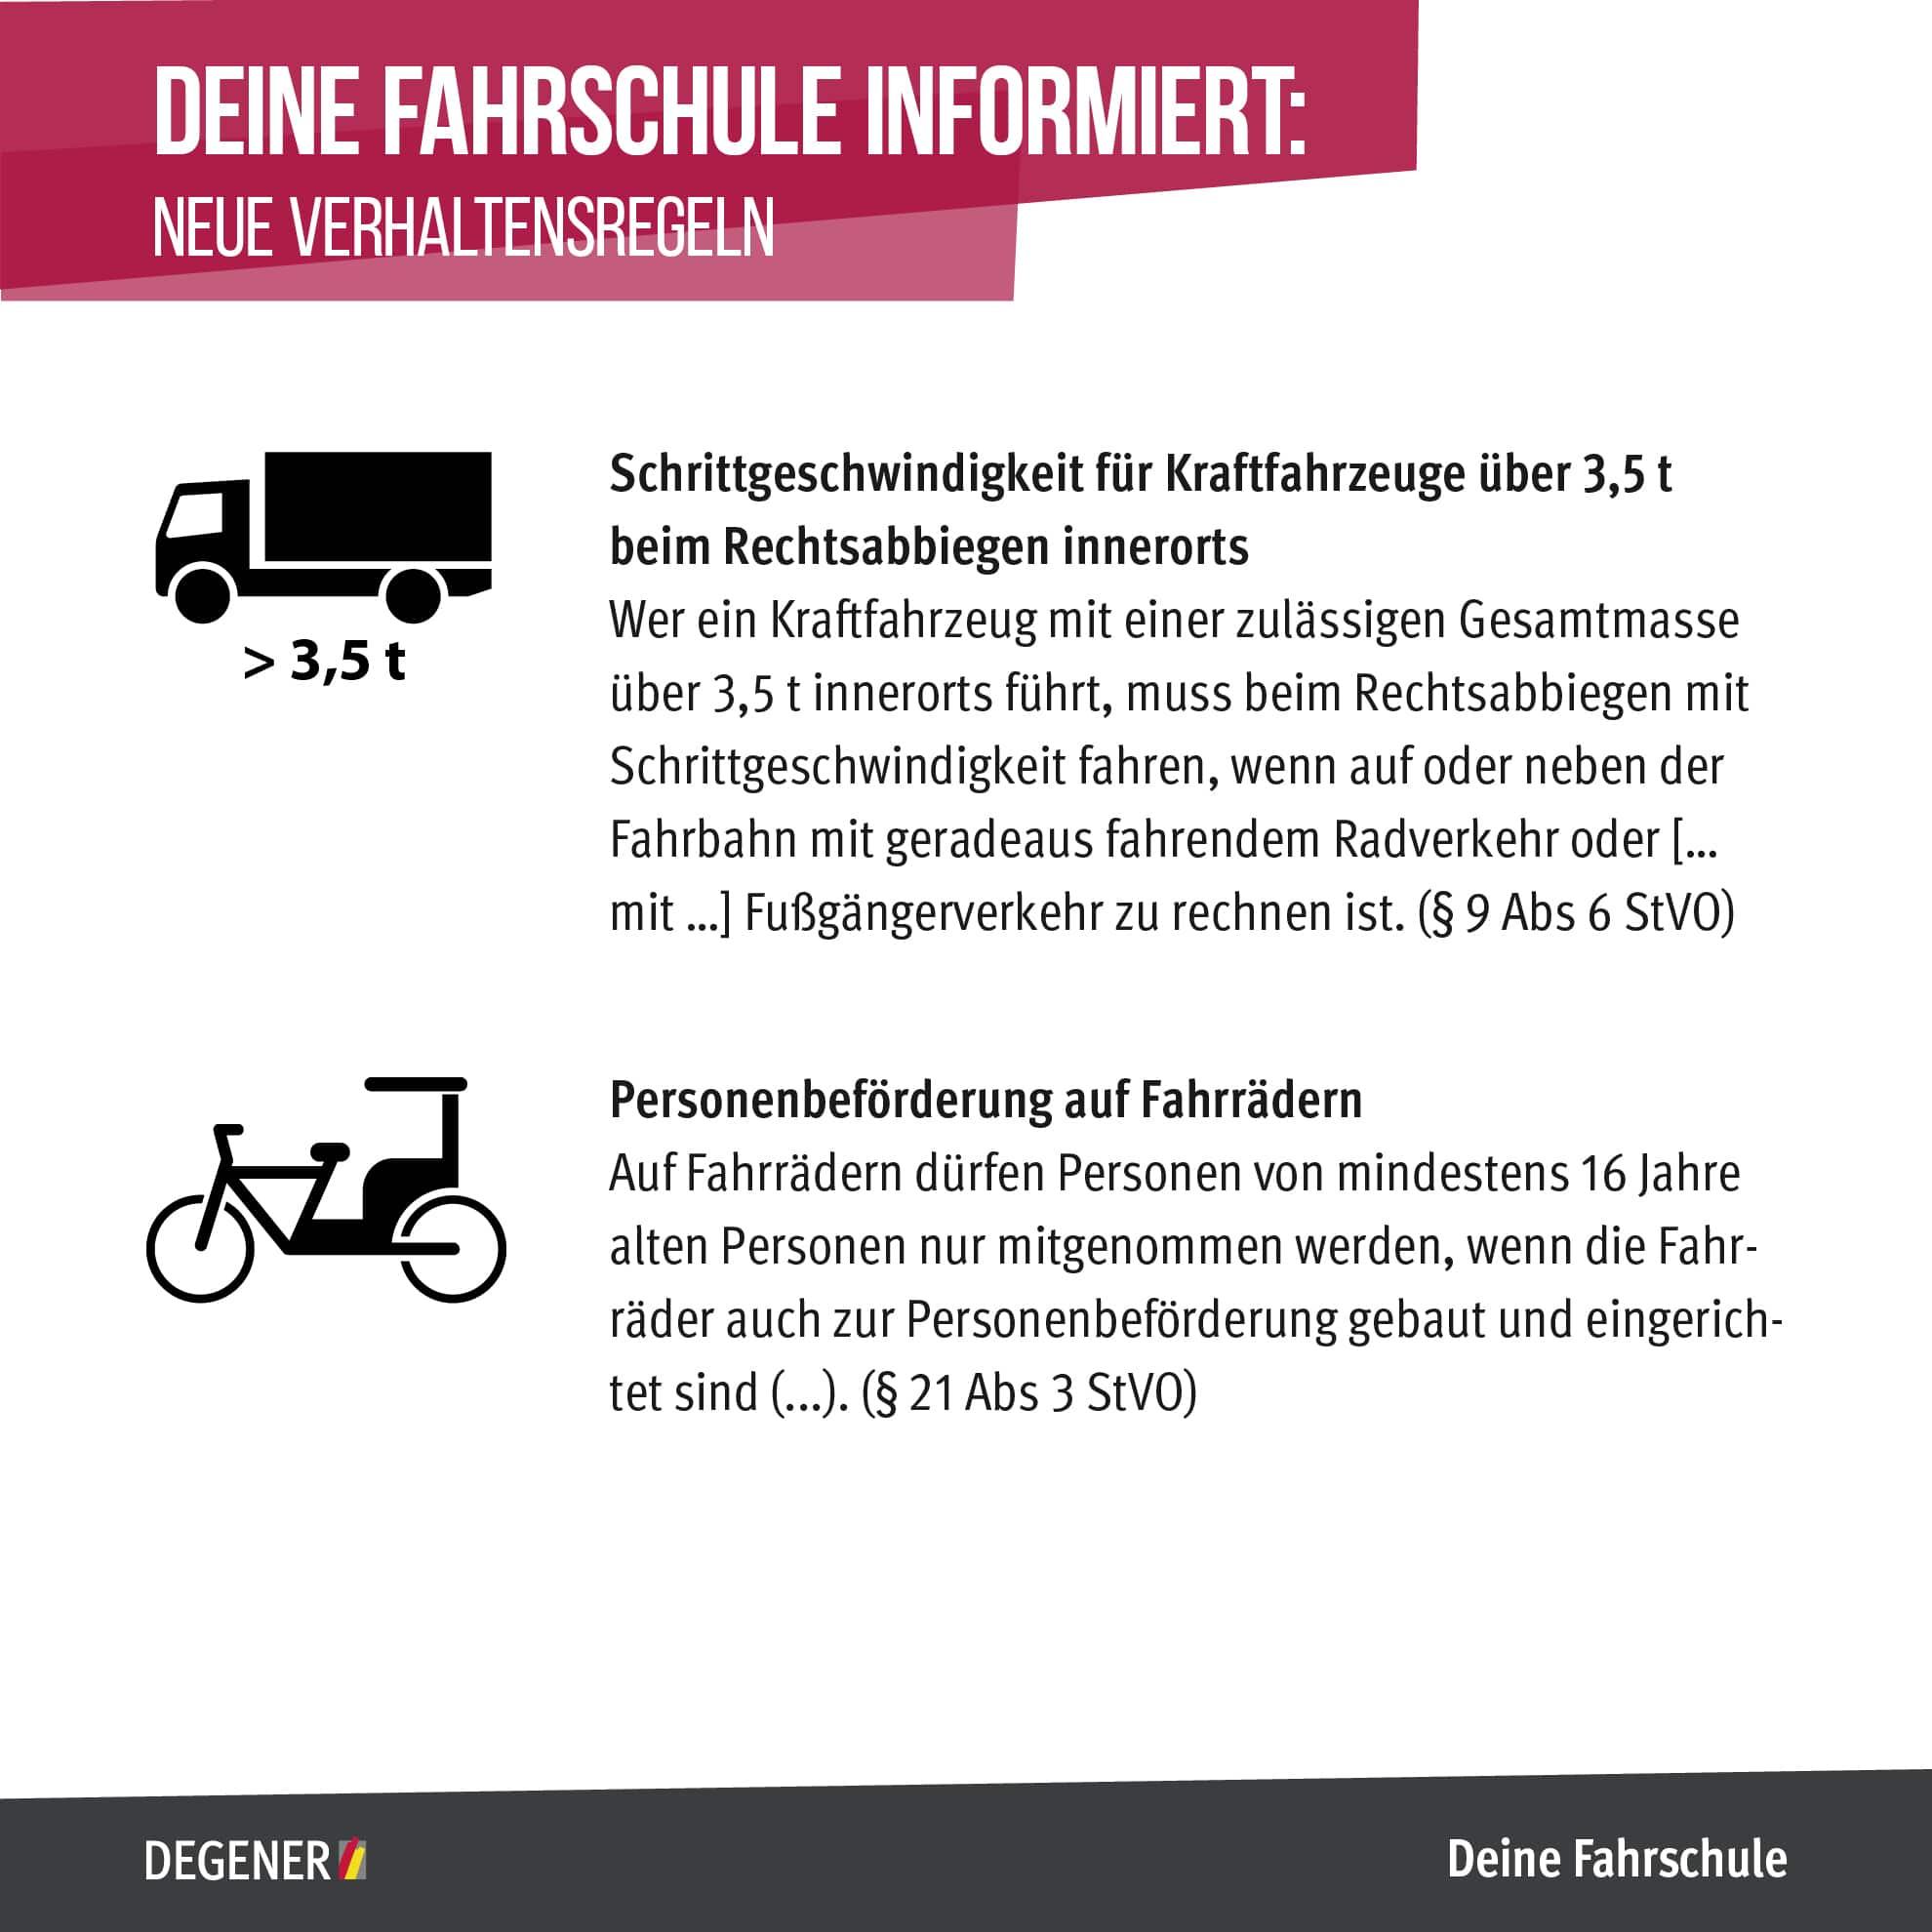 10_Deine-FS-informiert-neue-Verkehrszeichen